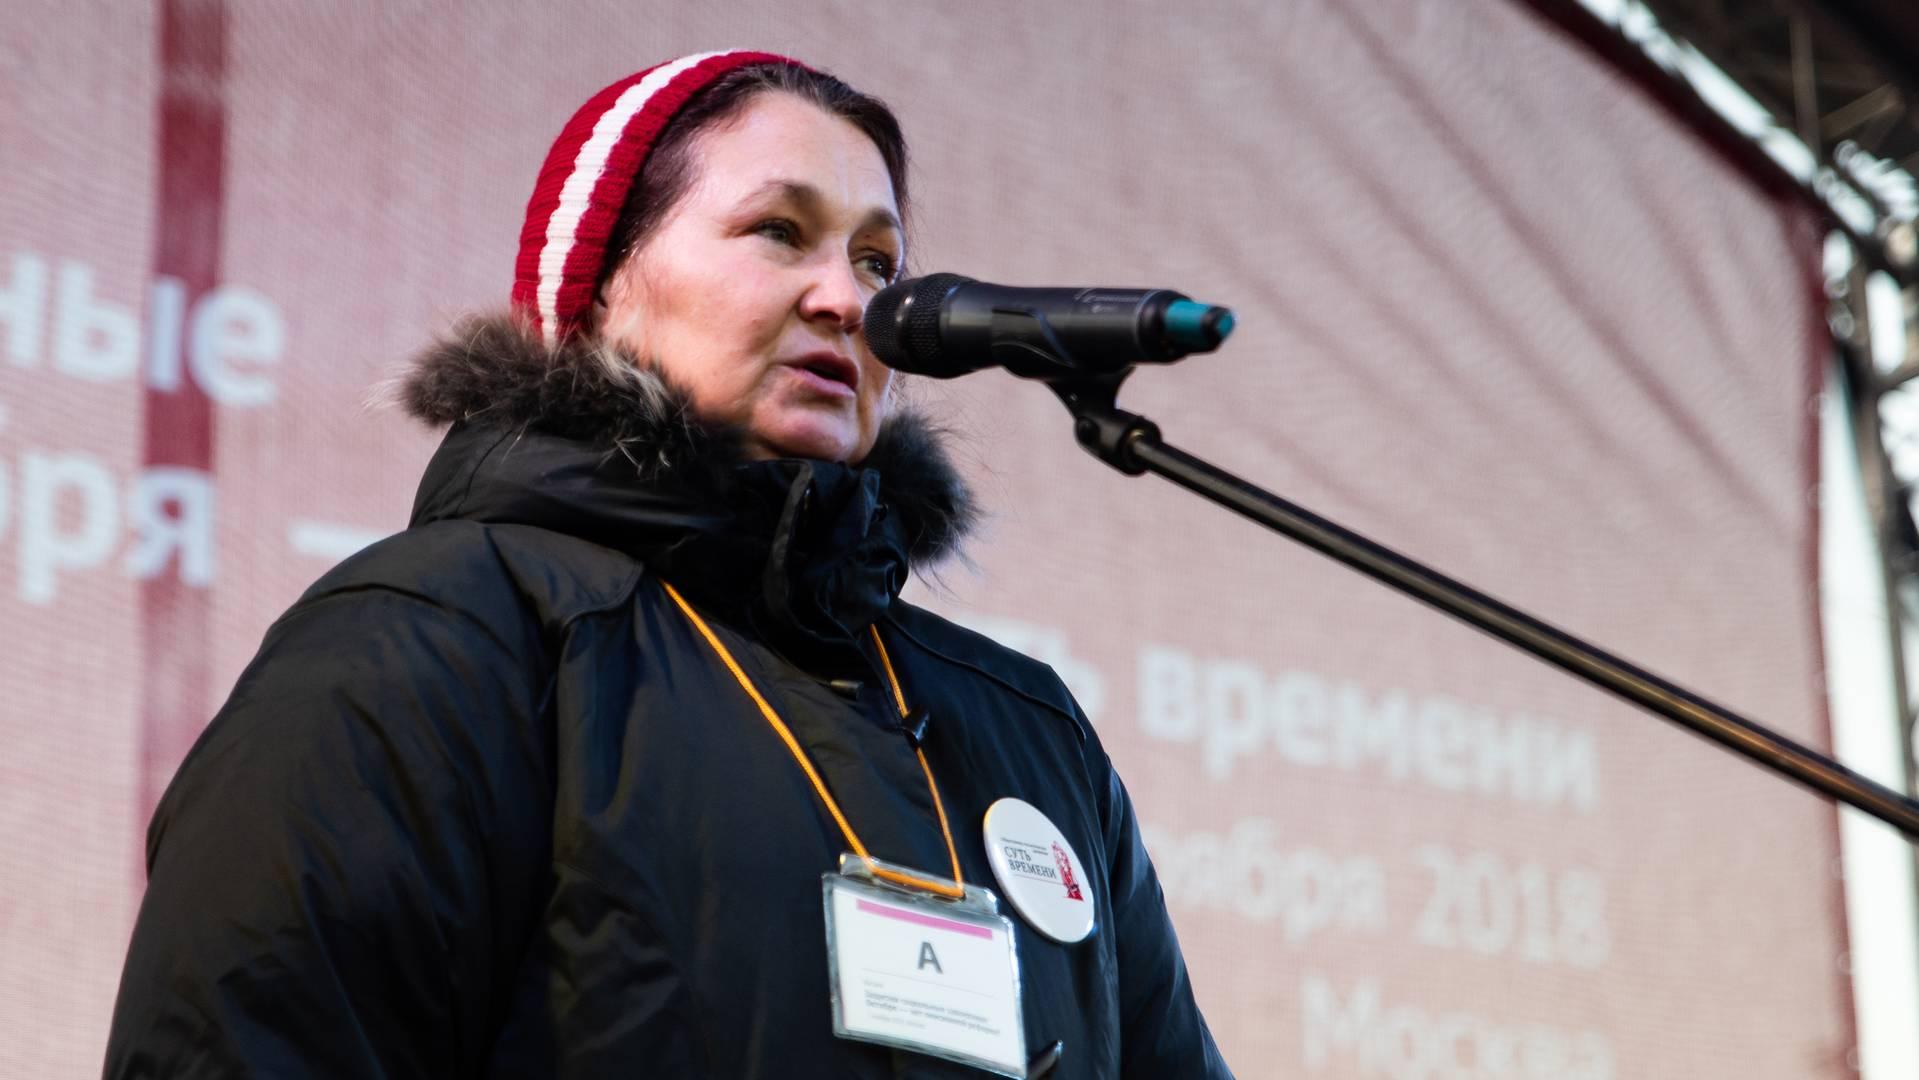 Анна Кудинова на митинге «Сути времени» в Москве, 5 ноября 2018 г.